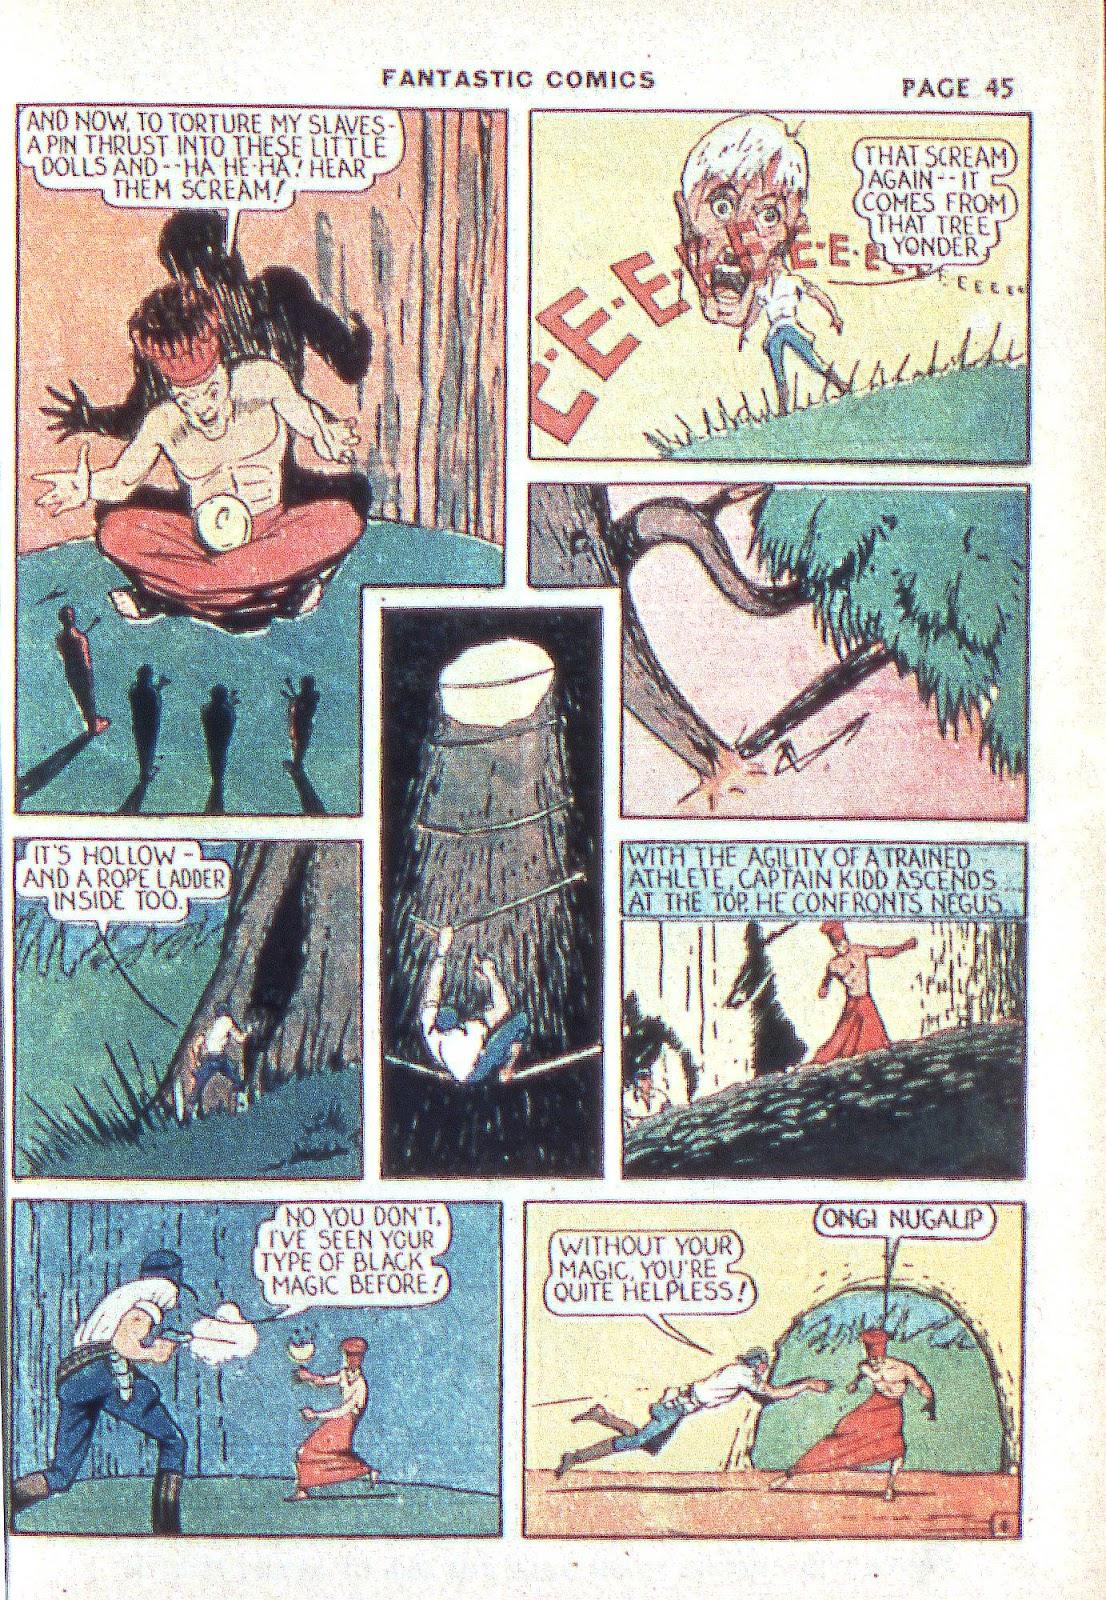 Read online Fantastic Comics comic -  Issue #3 - 47